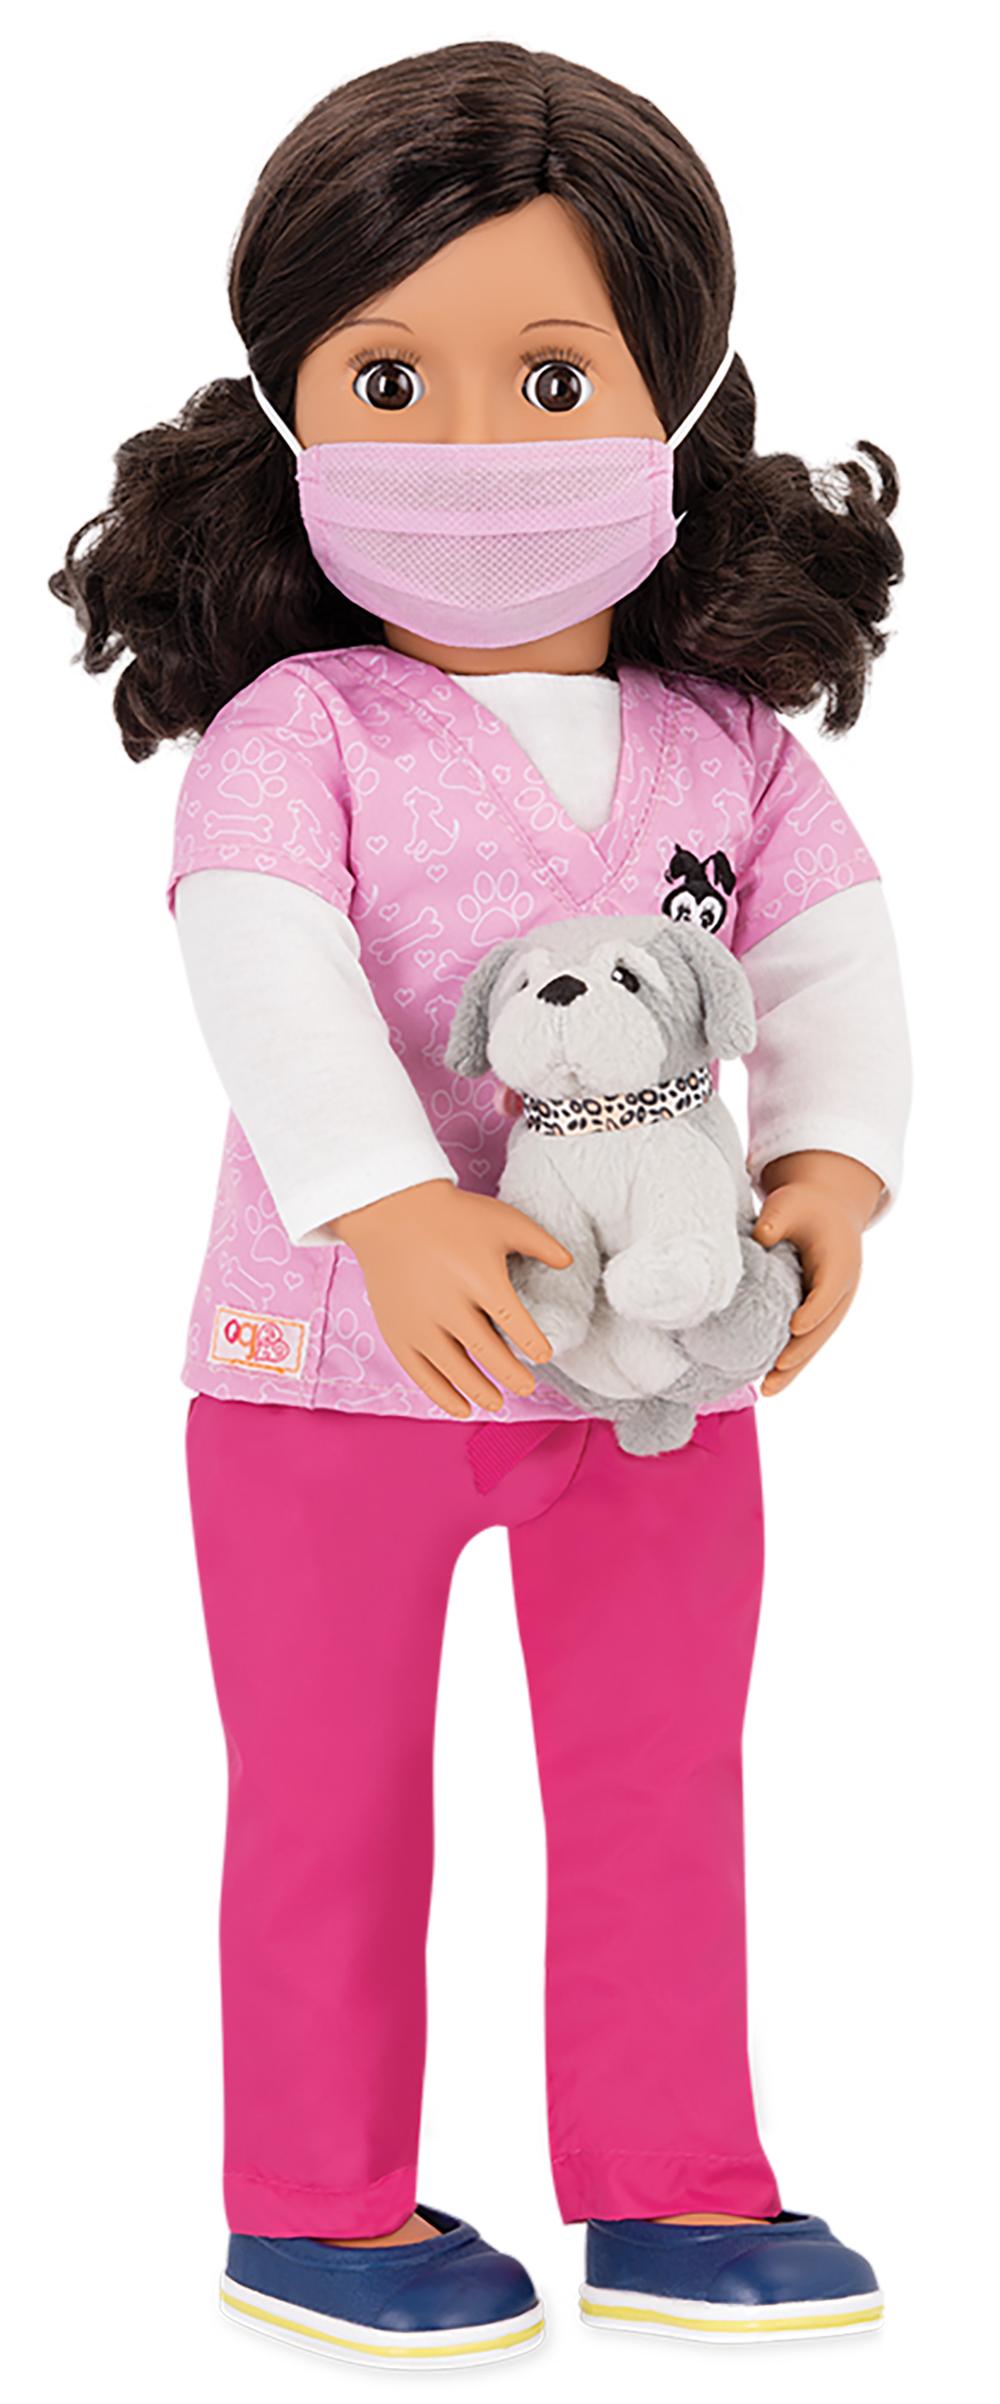 Doll OG Deluxe - Paloma Professional Vet 18